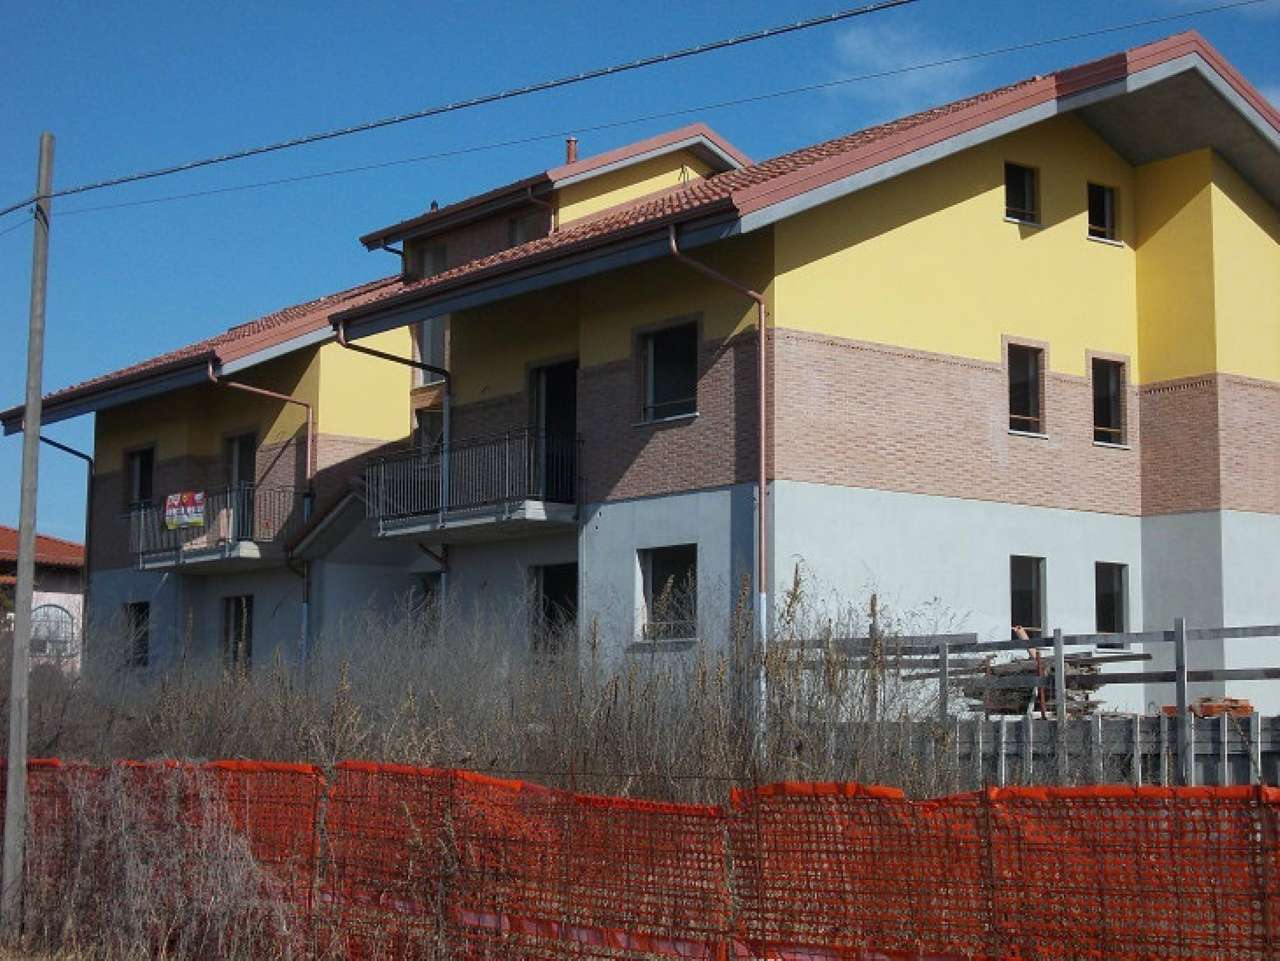 Appartamento in vendita a Foglizzo, 2 locali, prezzo € 64.000 | Cambio Casa.it